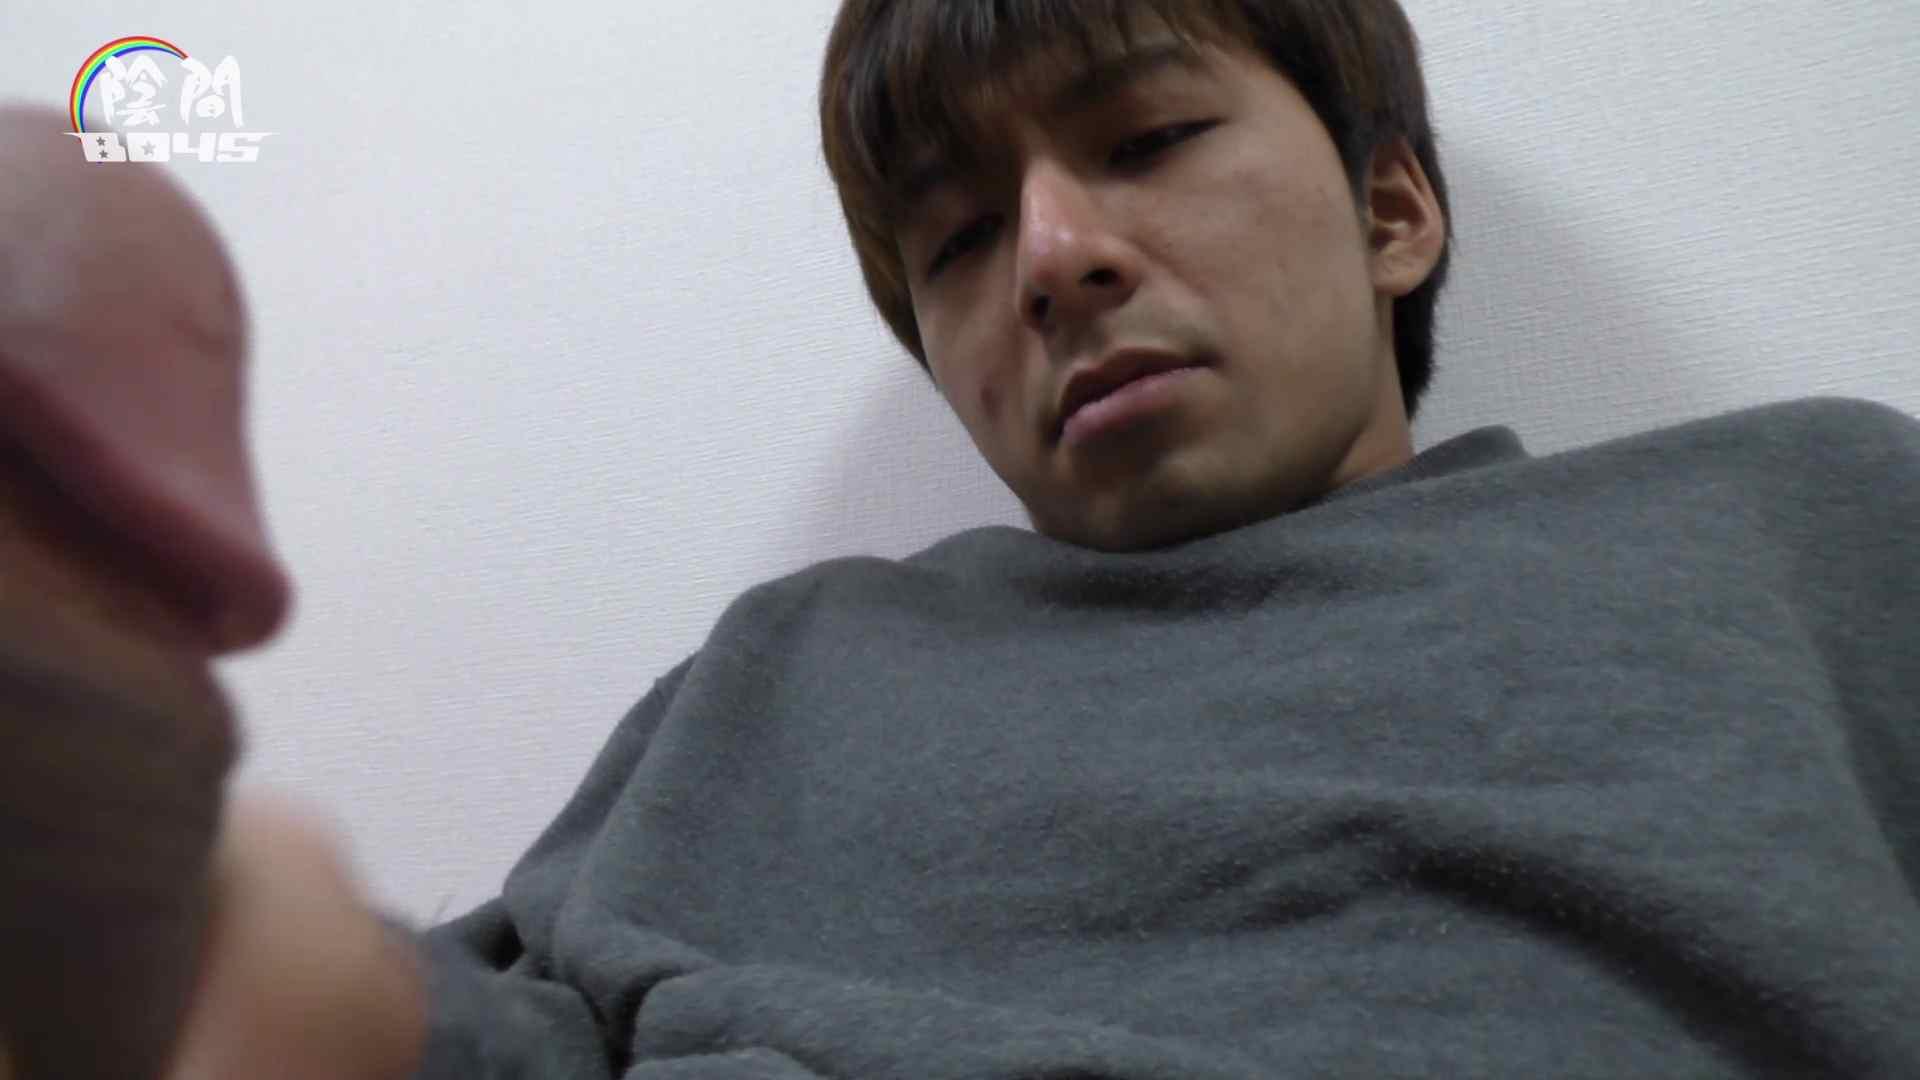 アナルは決して眠らない No.01 三ツ星盗撮 ゲイ無修正画像 110pic 102